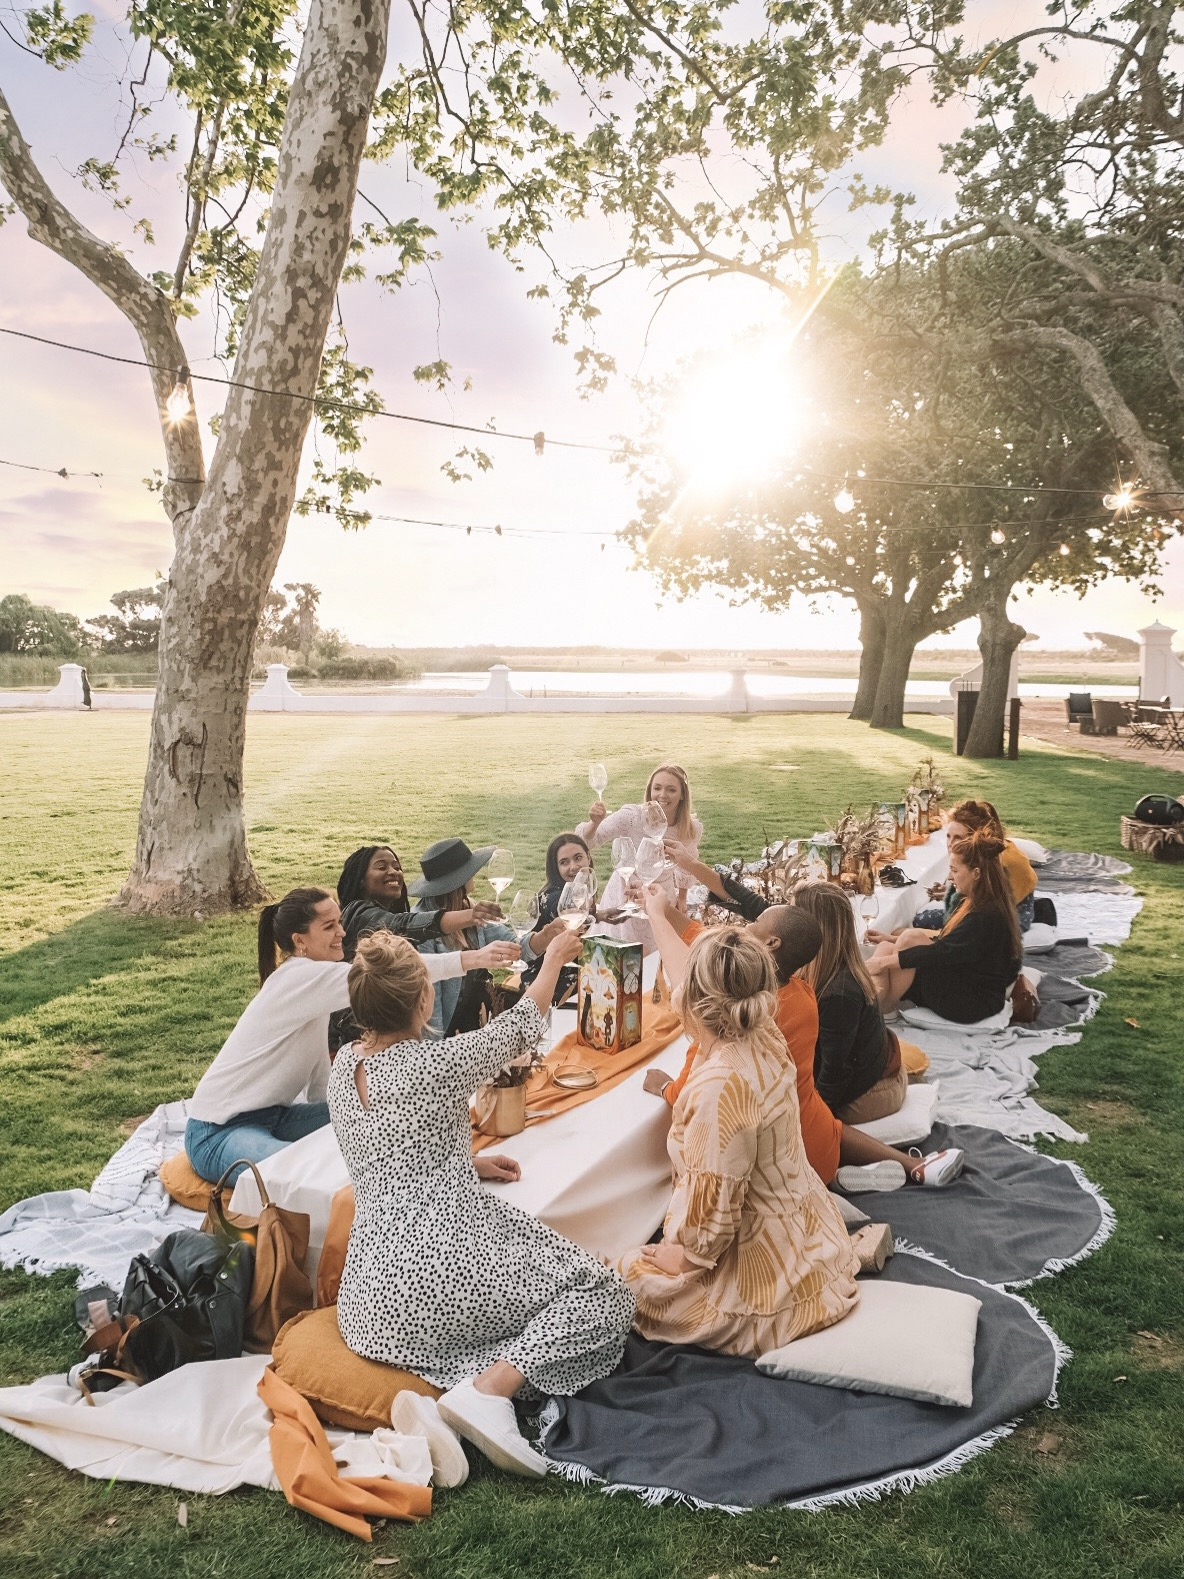 Vergenoegd Wine Estate Stellenbosch Picnic